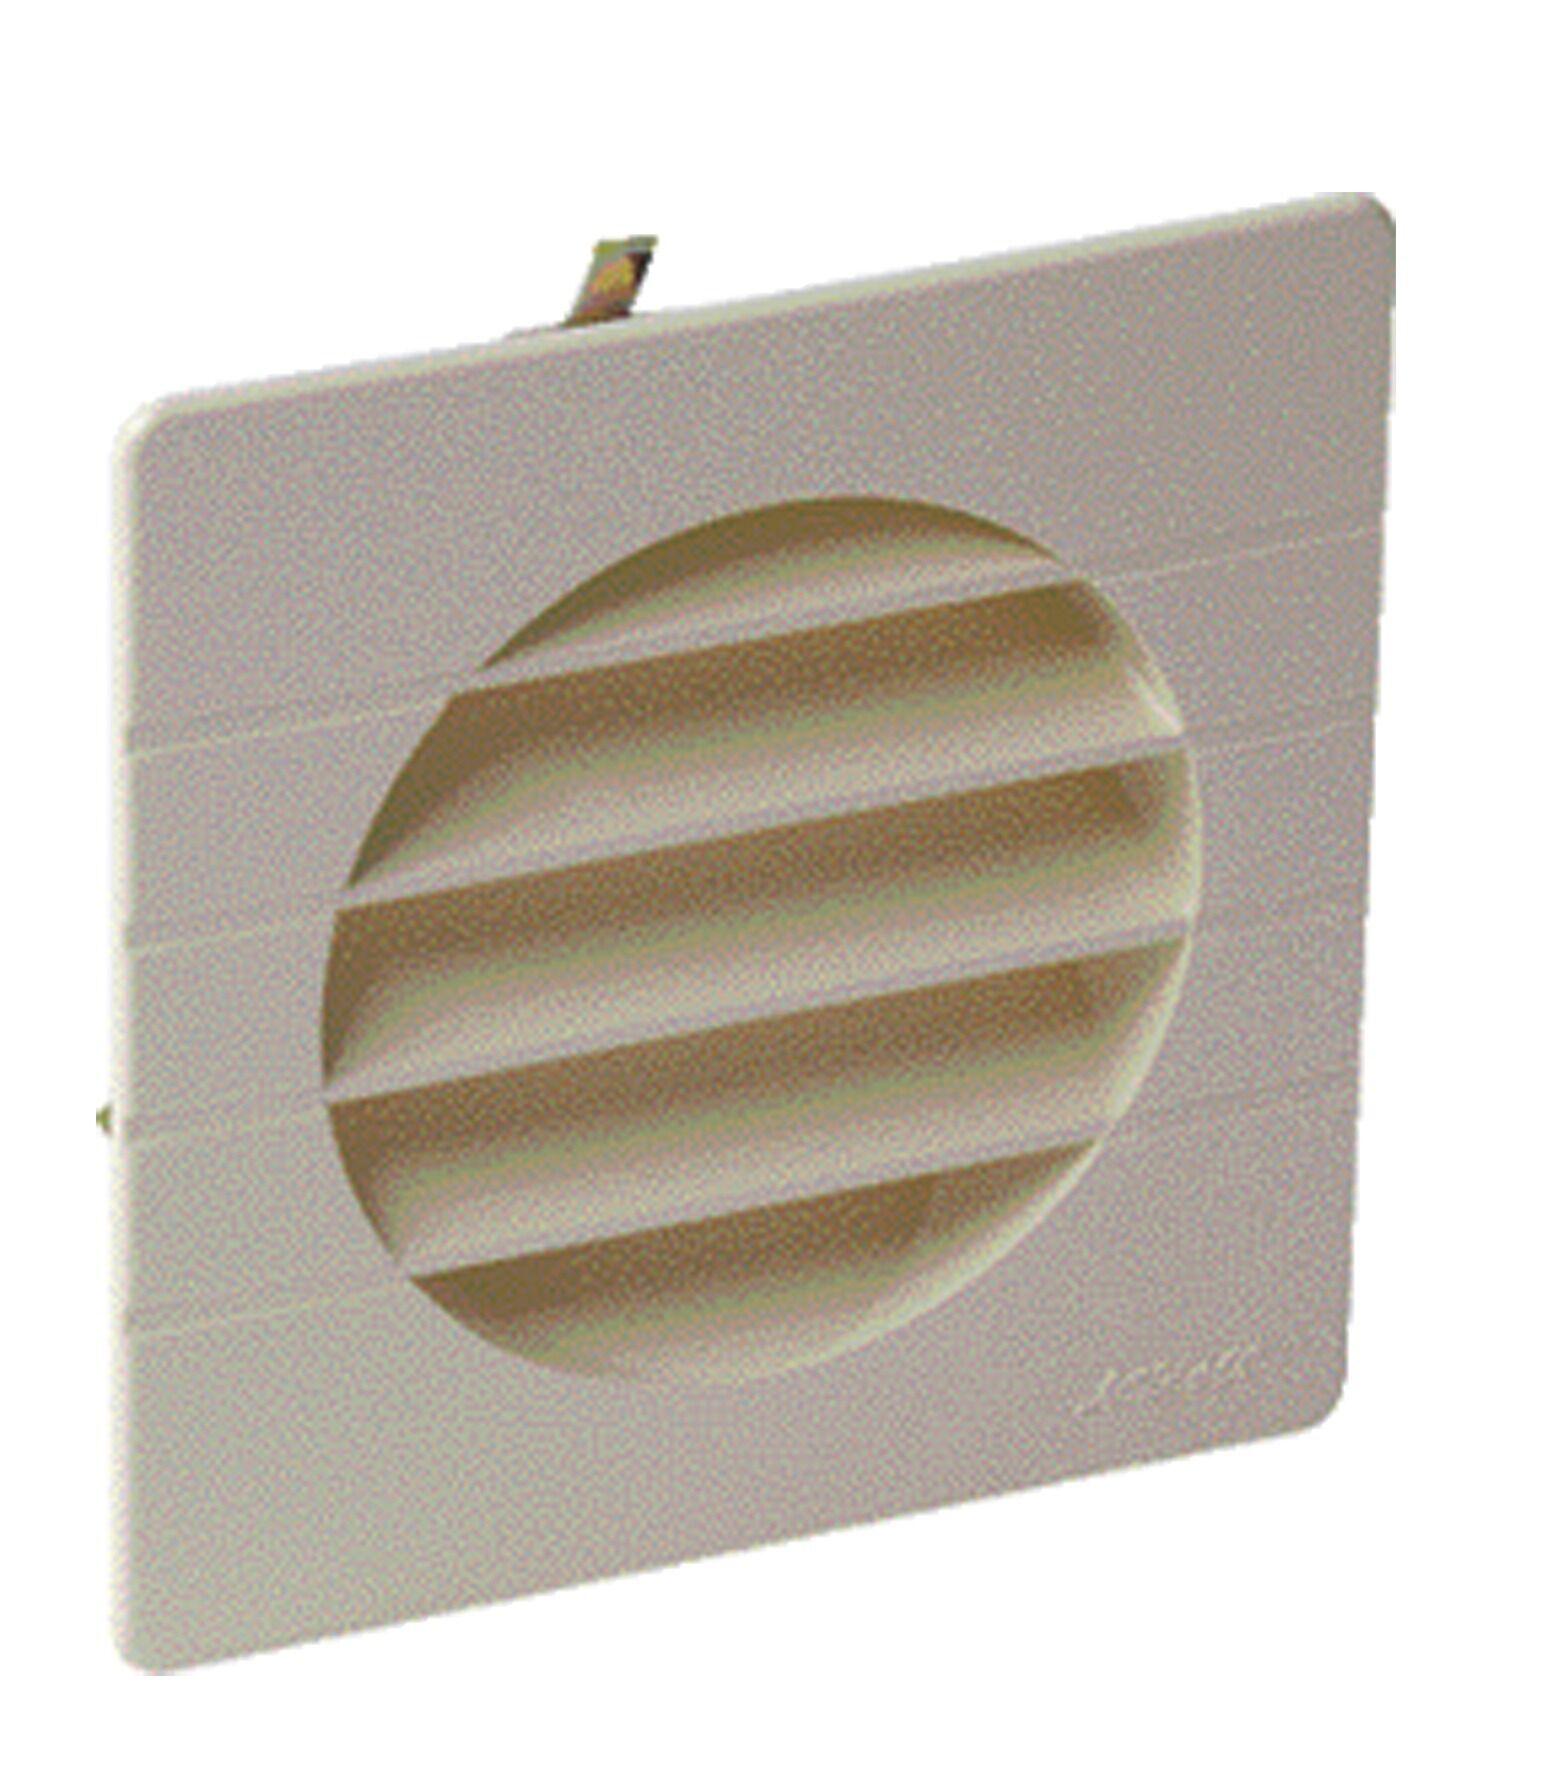 NICOLL Grille de ventilation à encastrer extérieur pour tubes PVC Ø 80 coloris sable - NICOLL - 1GETM80